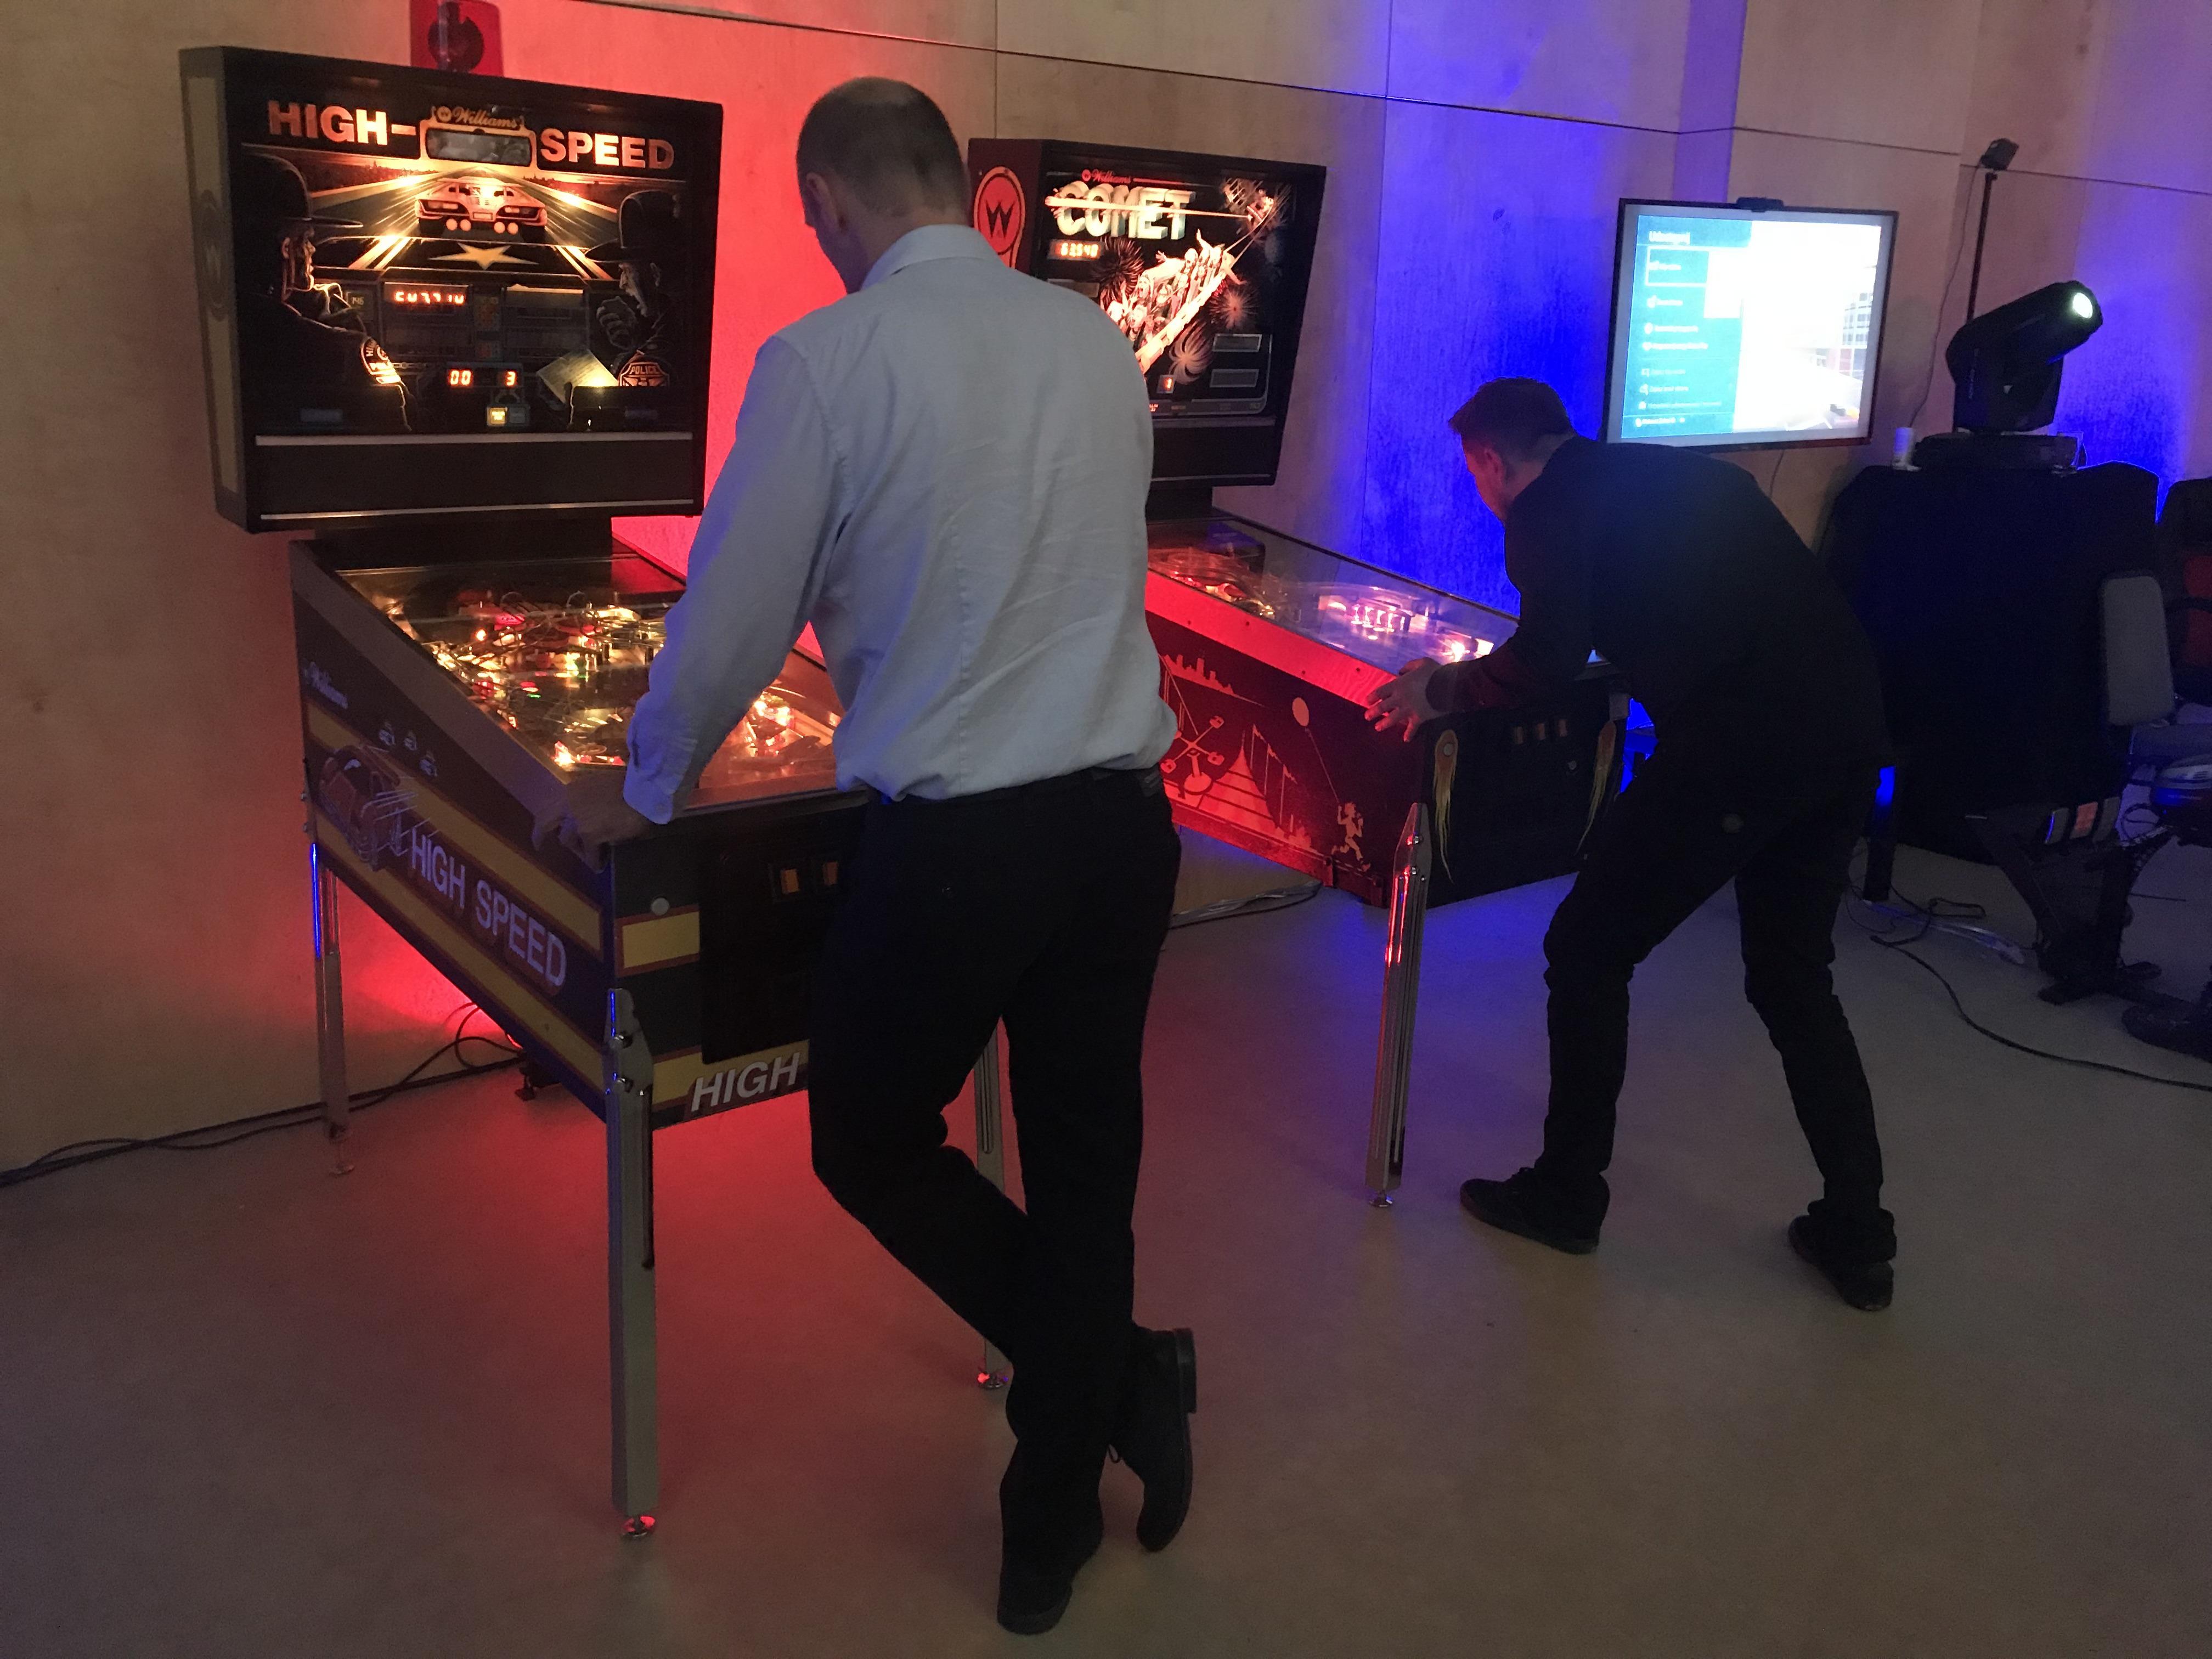 Atrakcje retro do wynajęcia – automaty arcade, pinball, flippery